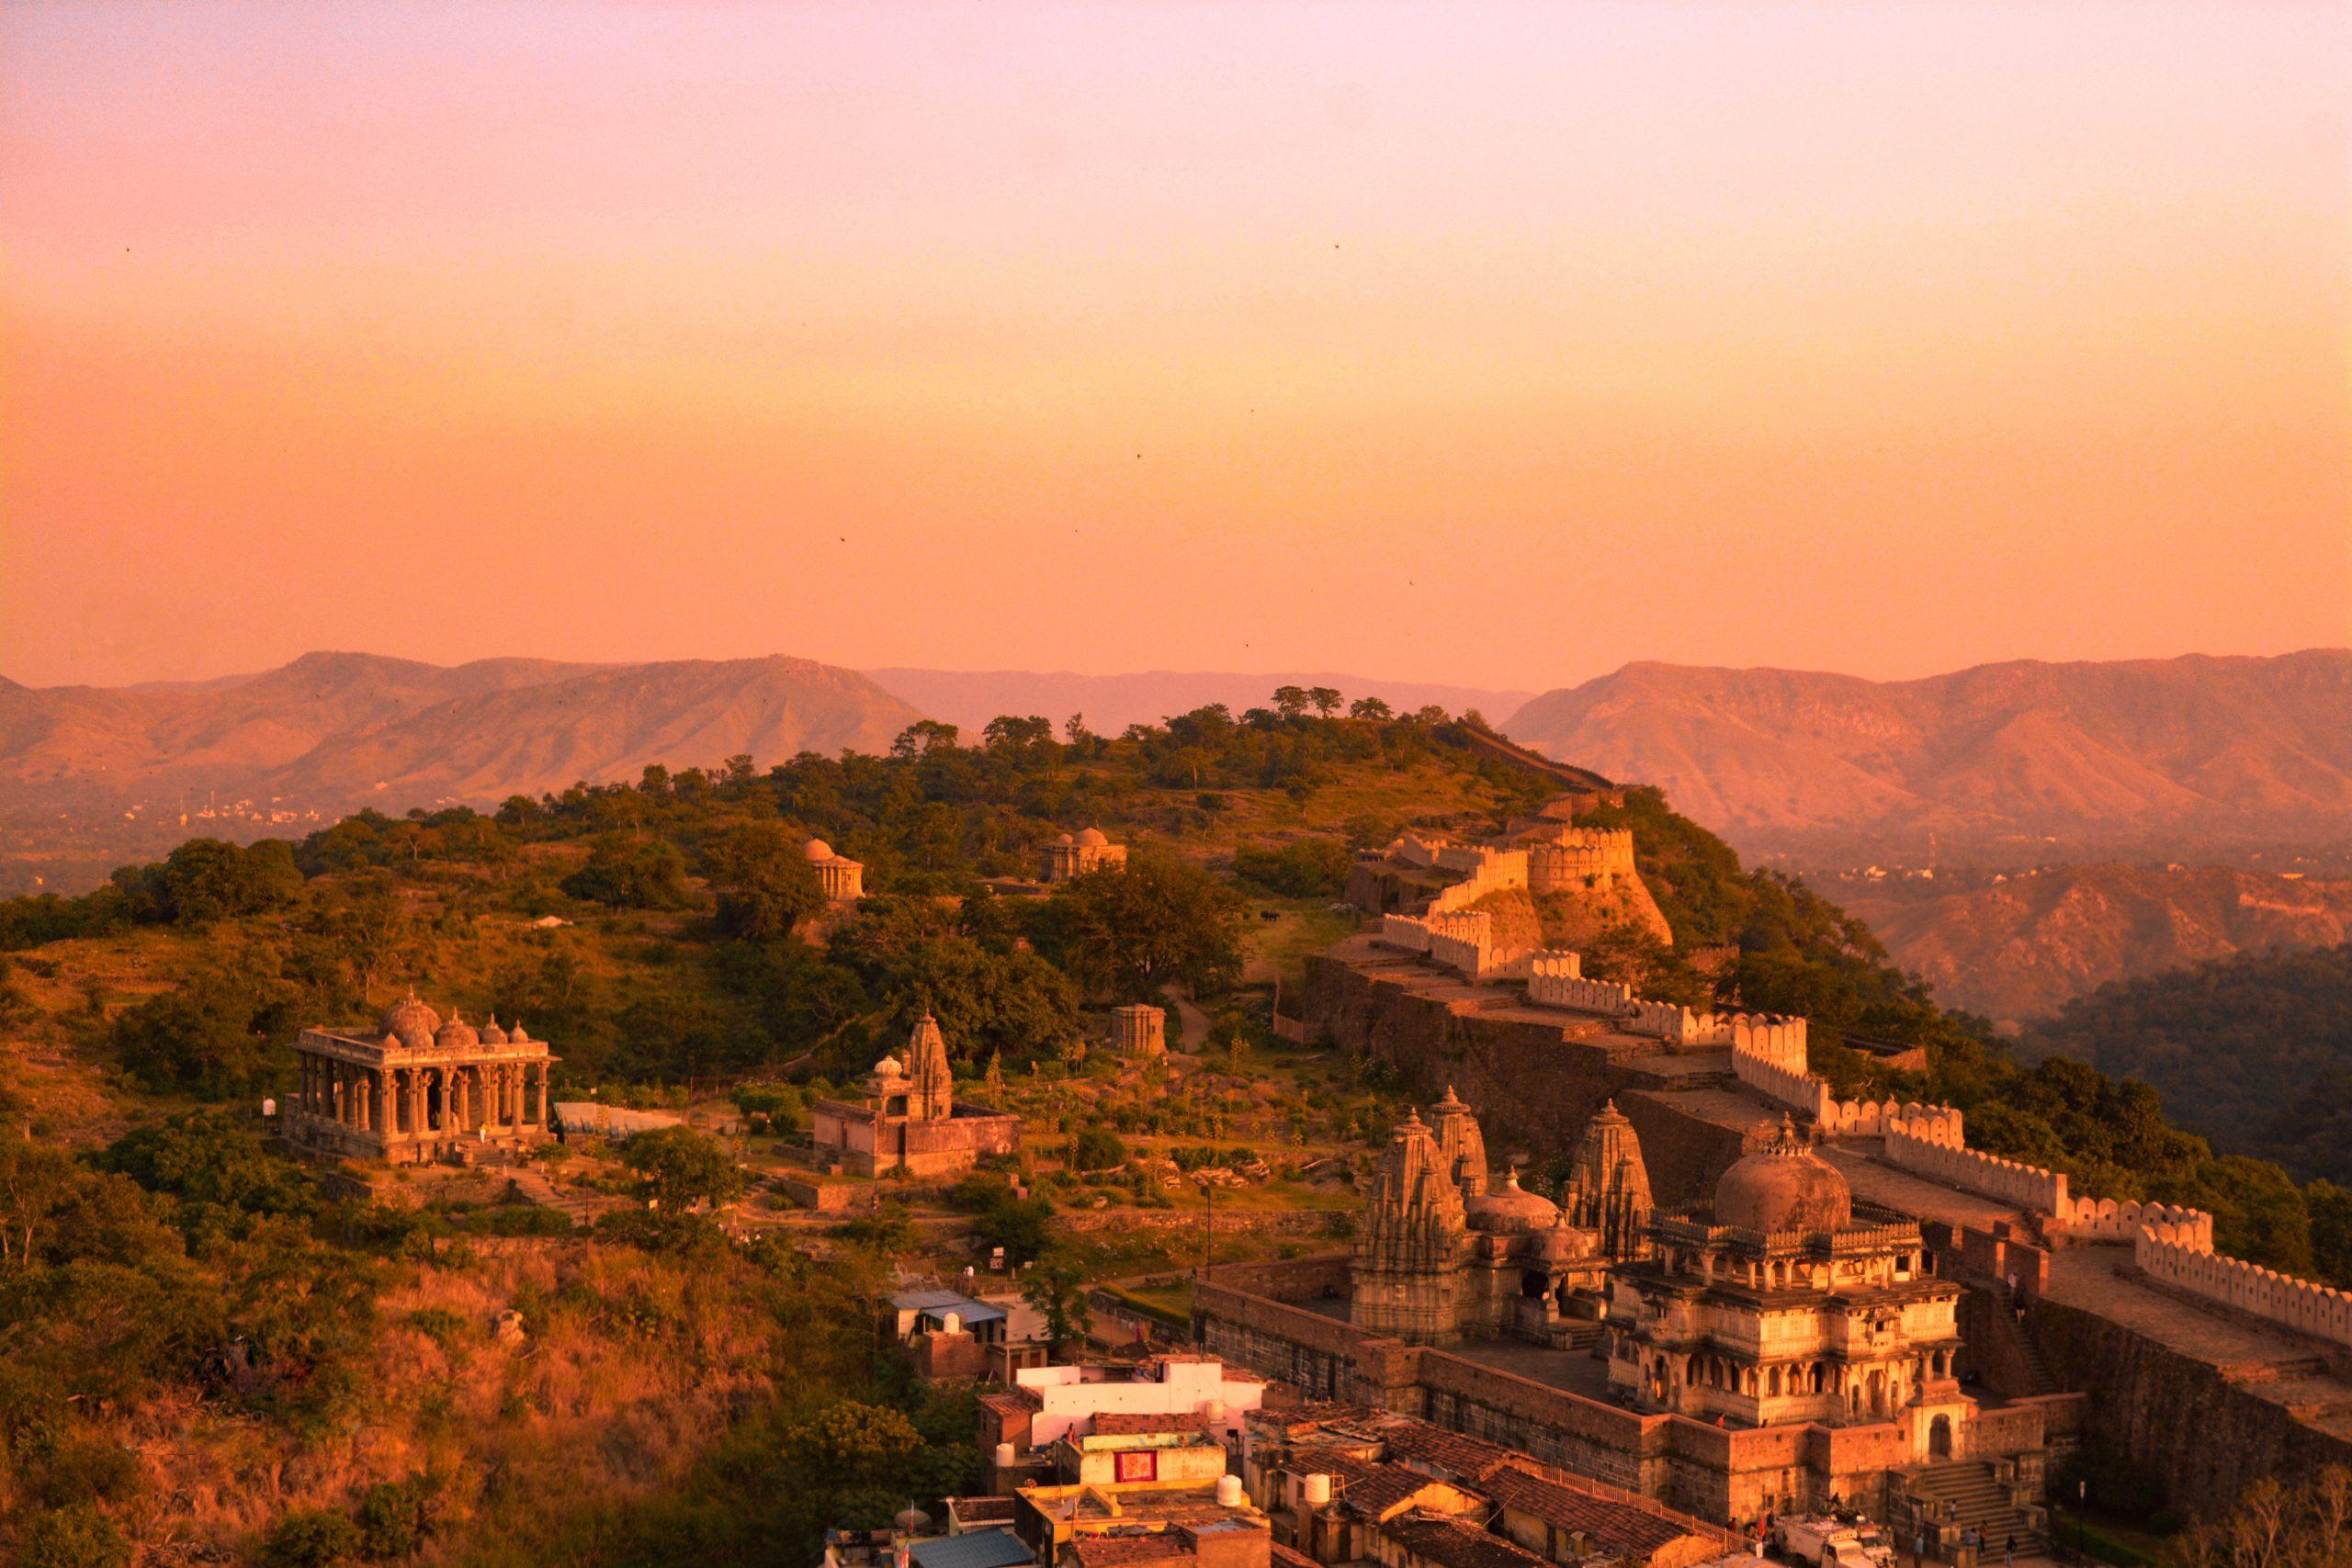 Evening view of Kumbhalgarh Fort, Rajasthan.